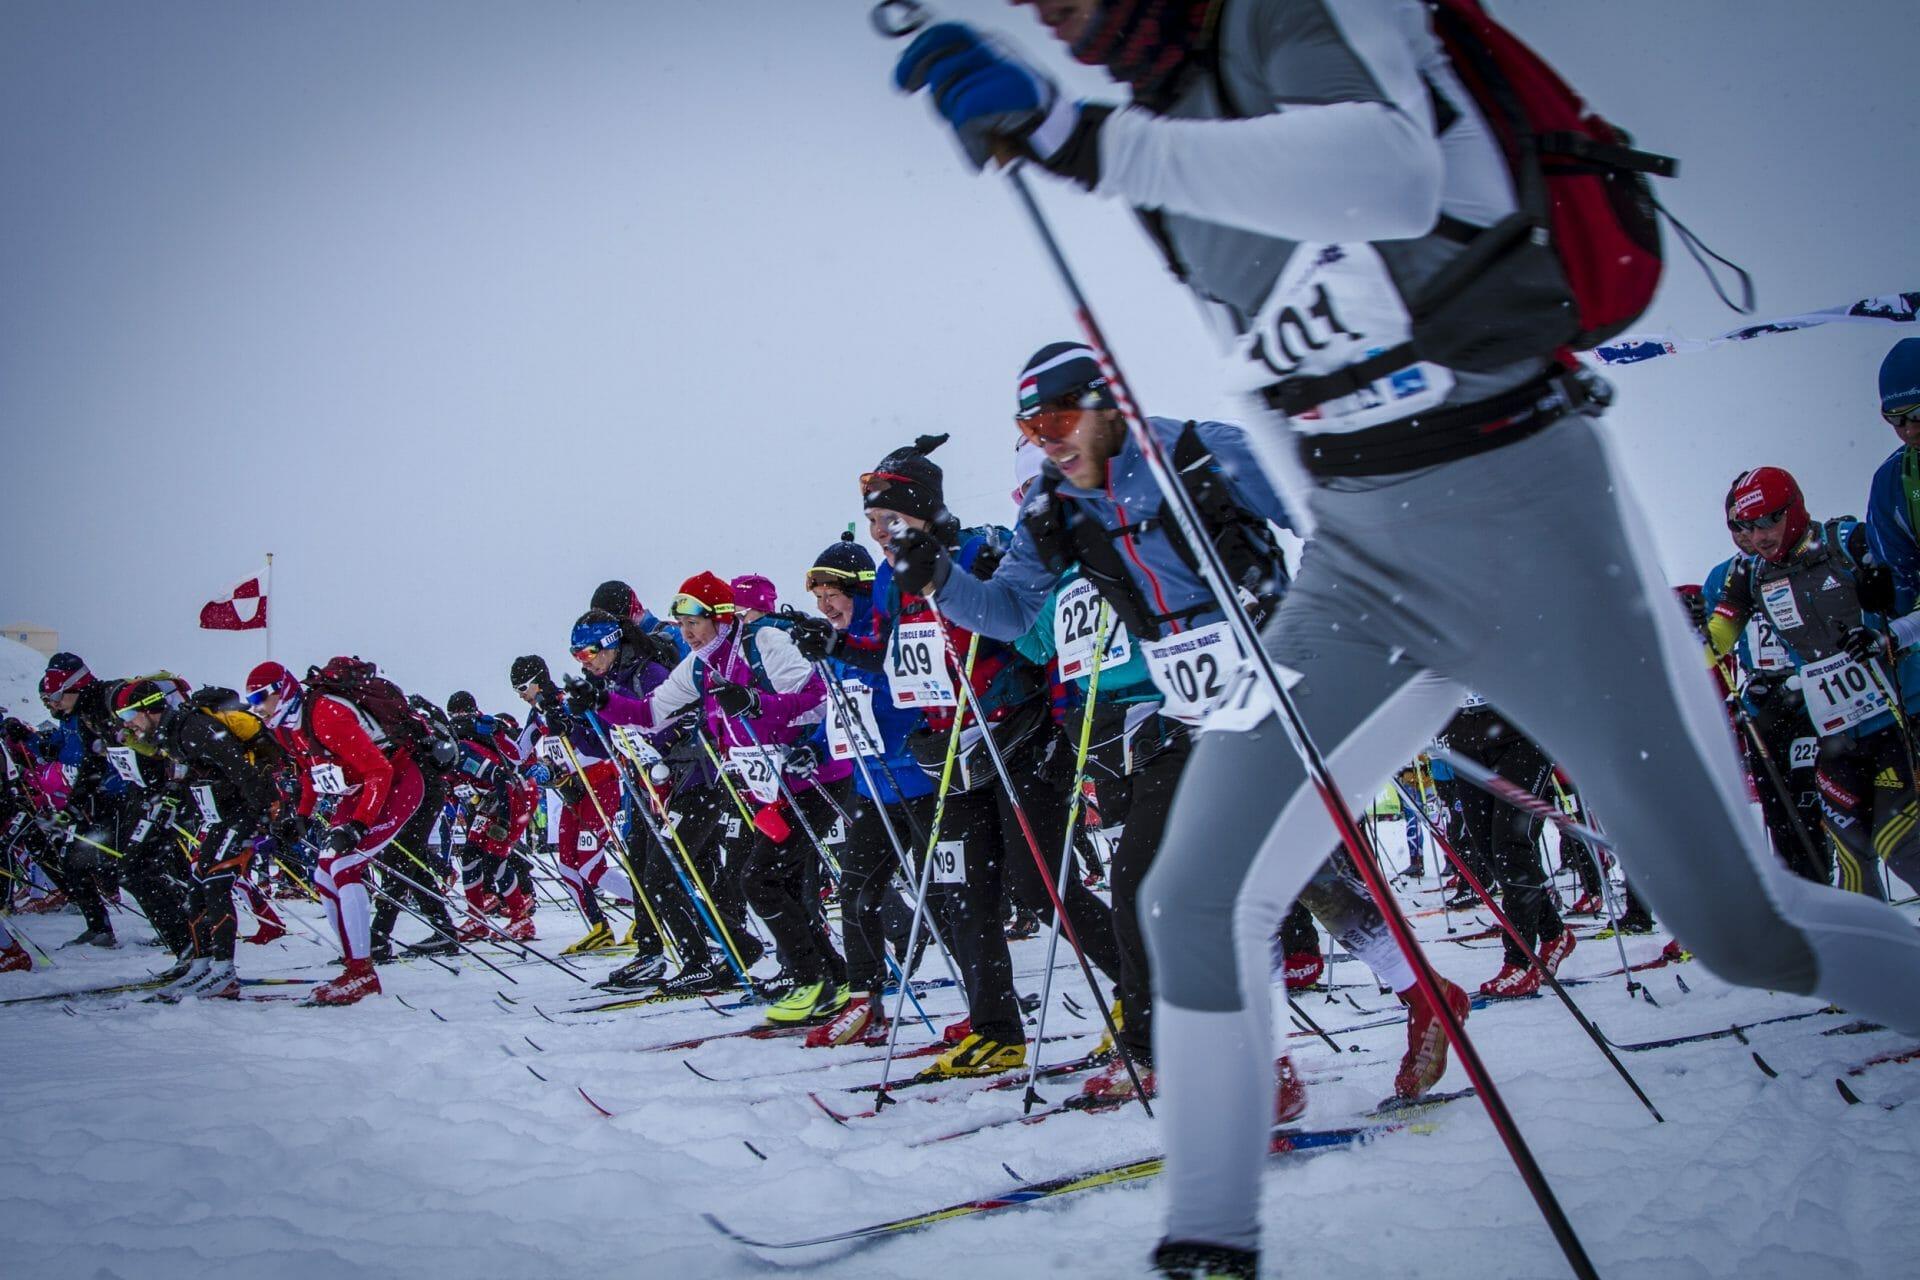 Start på Arctic Circle Race. Jeg er nesten helt til venstre i bildet.